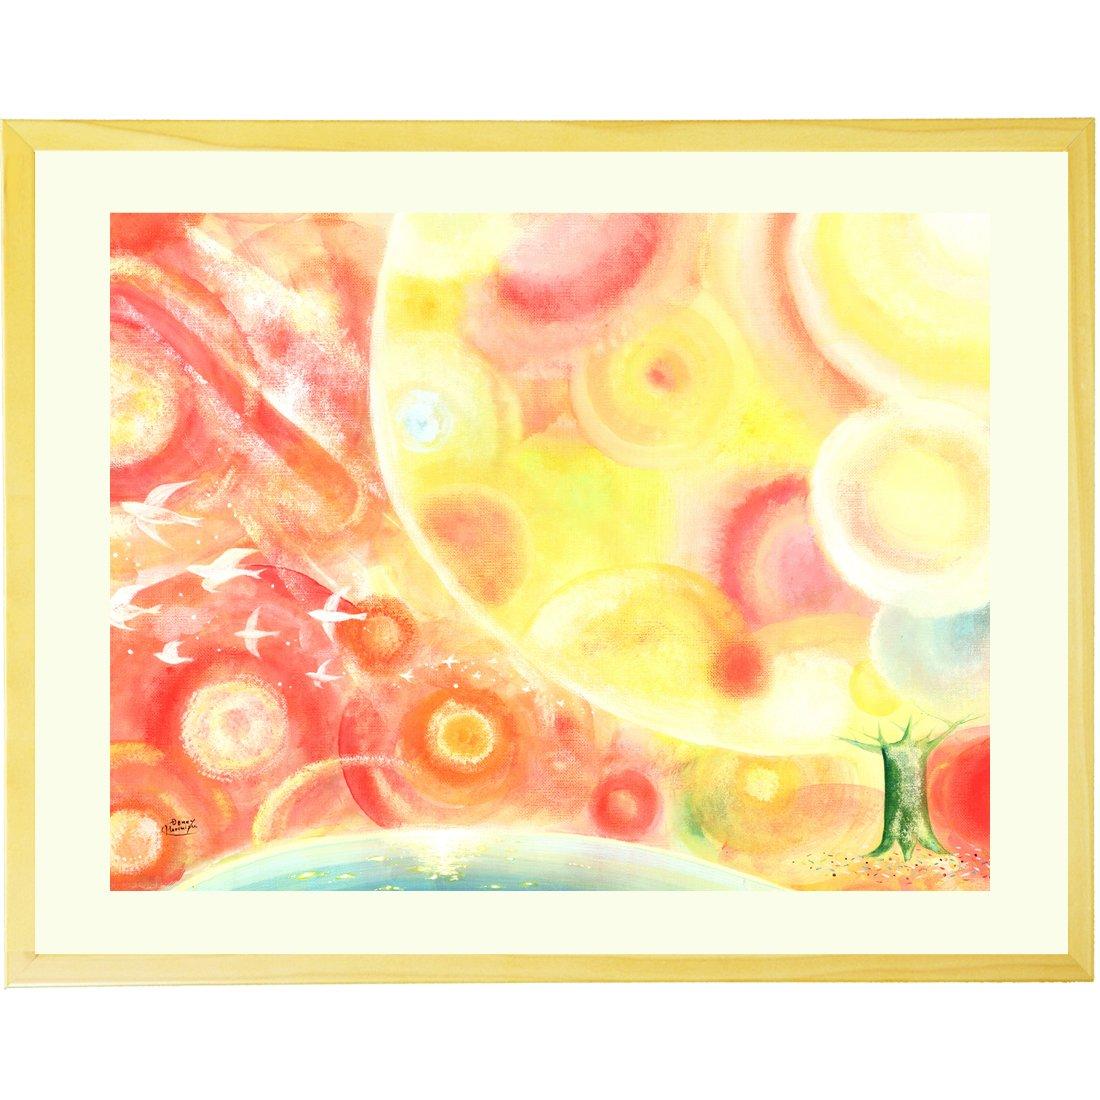 優しい癒しの絵画 黄色と赤の絵 「縁(えん) ~ 全ての出逢いに感謝 ~」 額入りL(525×410mm) 玄関やリビング、プレゼントに B013WZLUK8Lサイズ